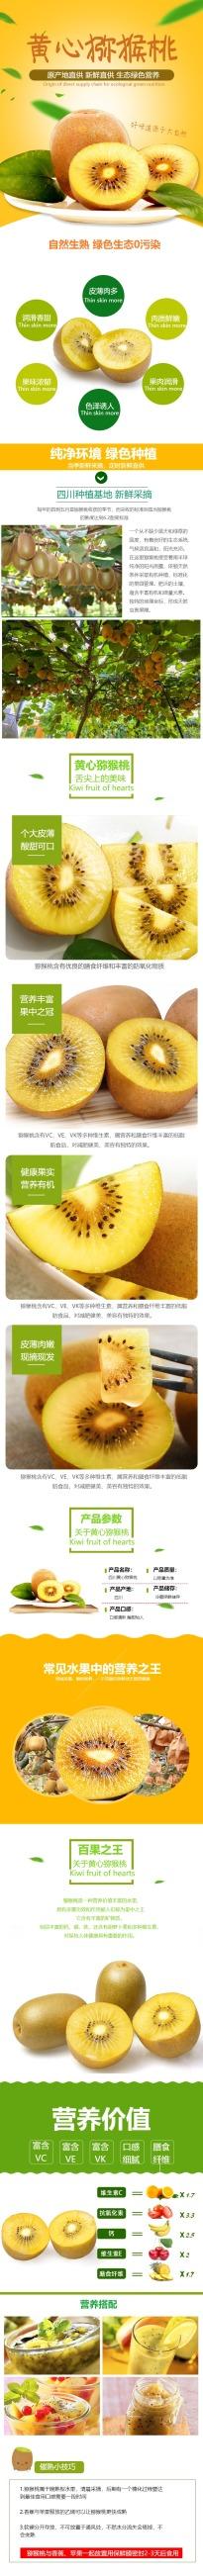 清新简约百货零售水果猕猴桃促销电商详情页